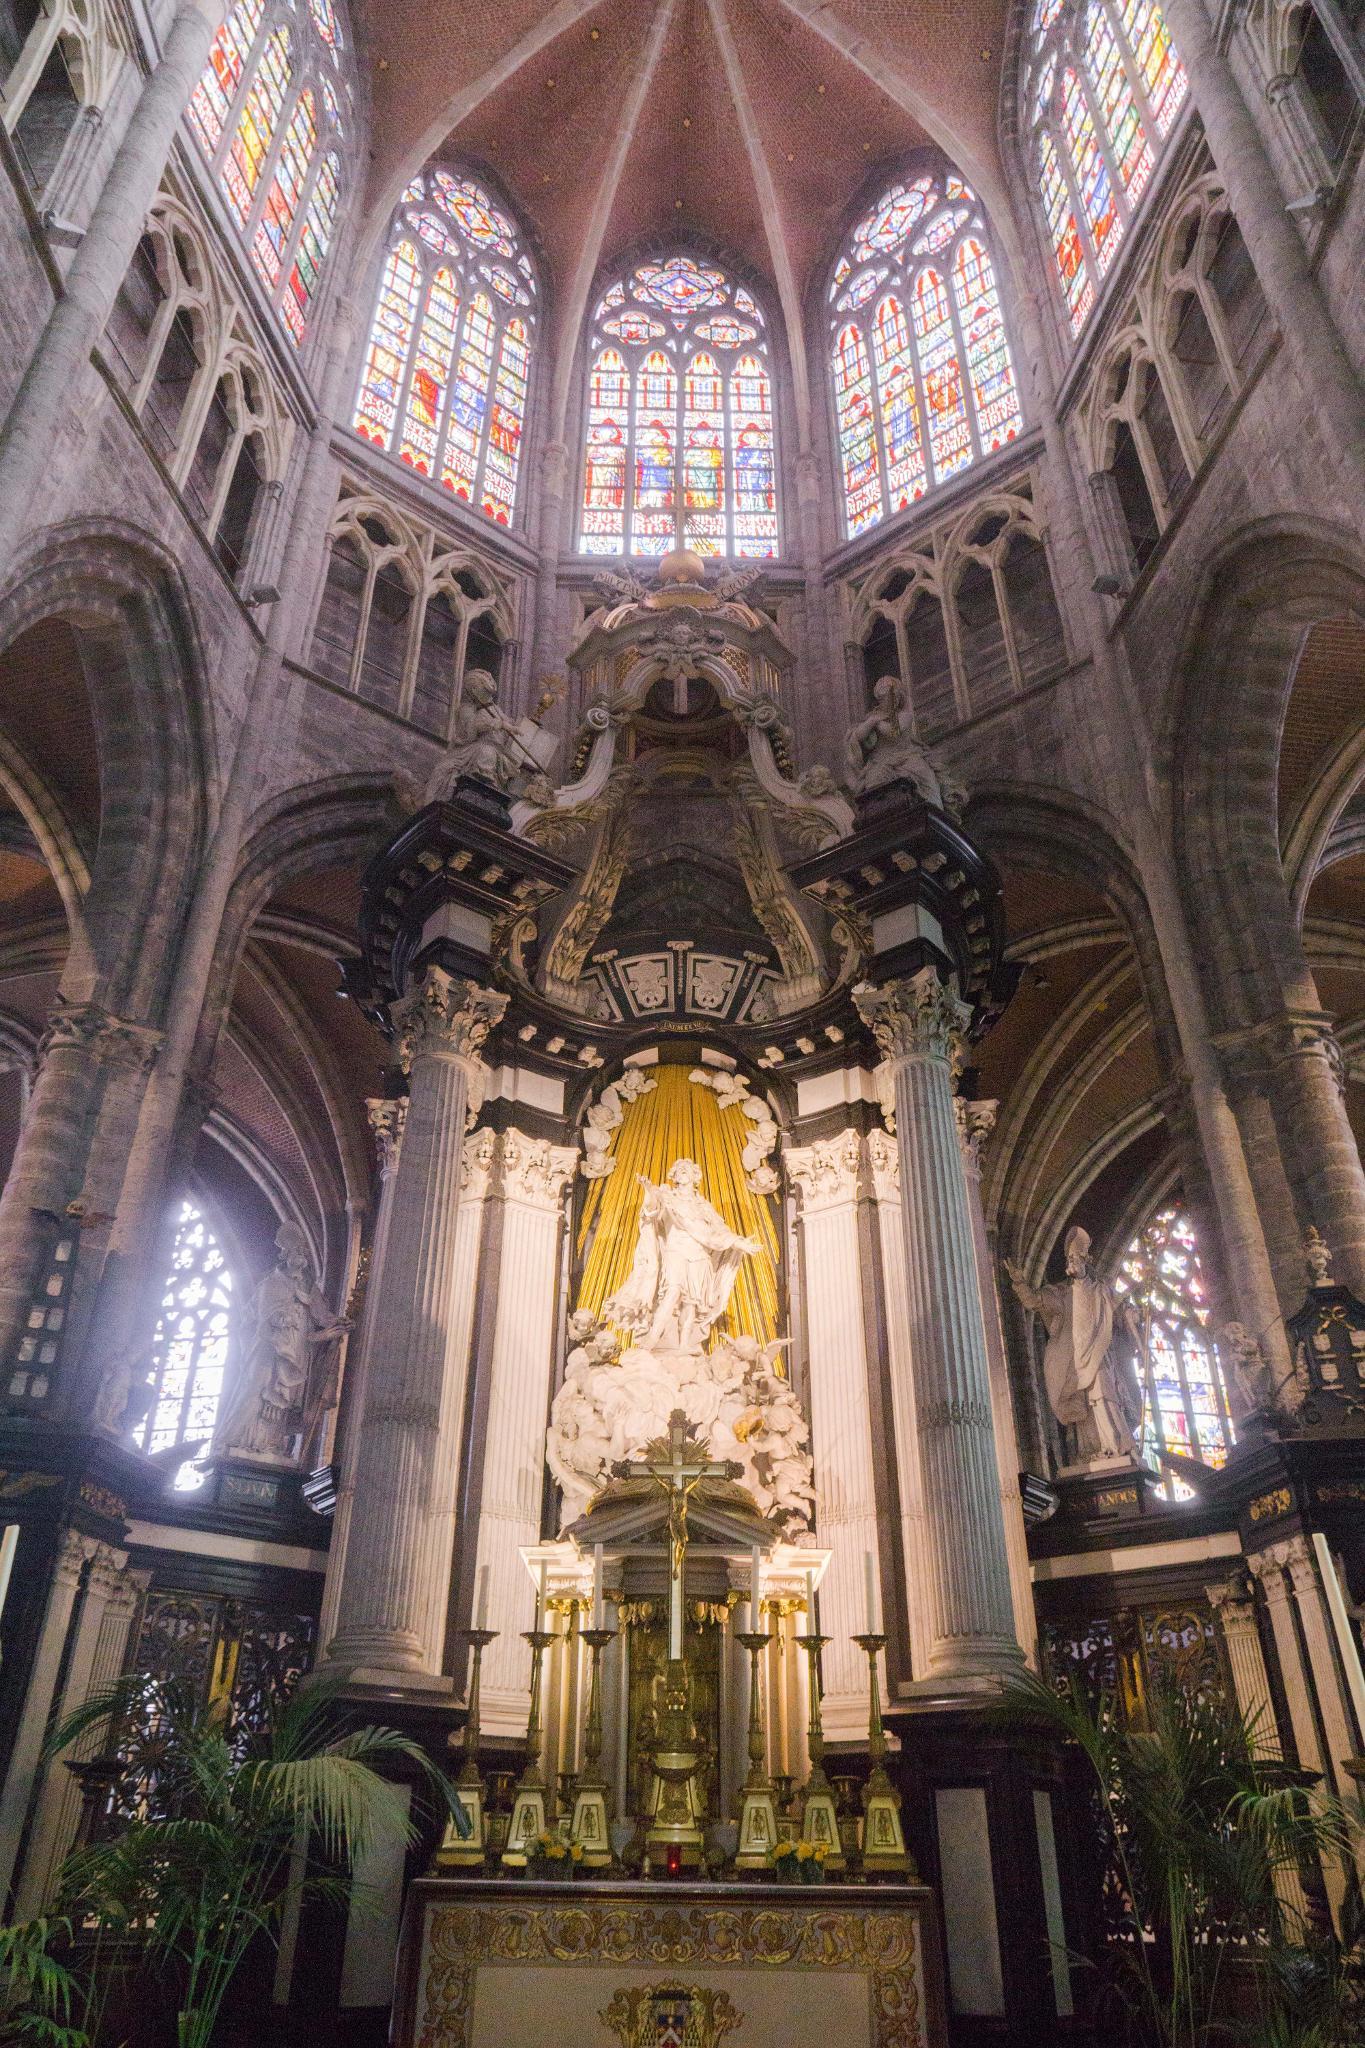 【比利時】穿梭中世紀的大城小事 — 比利時根特 (Ghent) 散步景點總整理 103